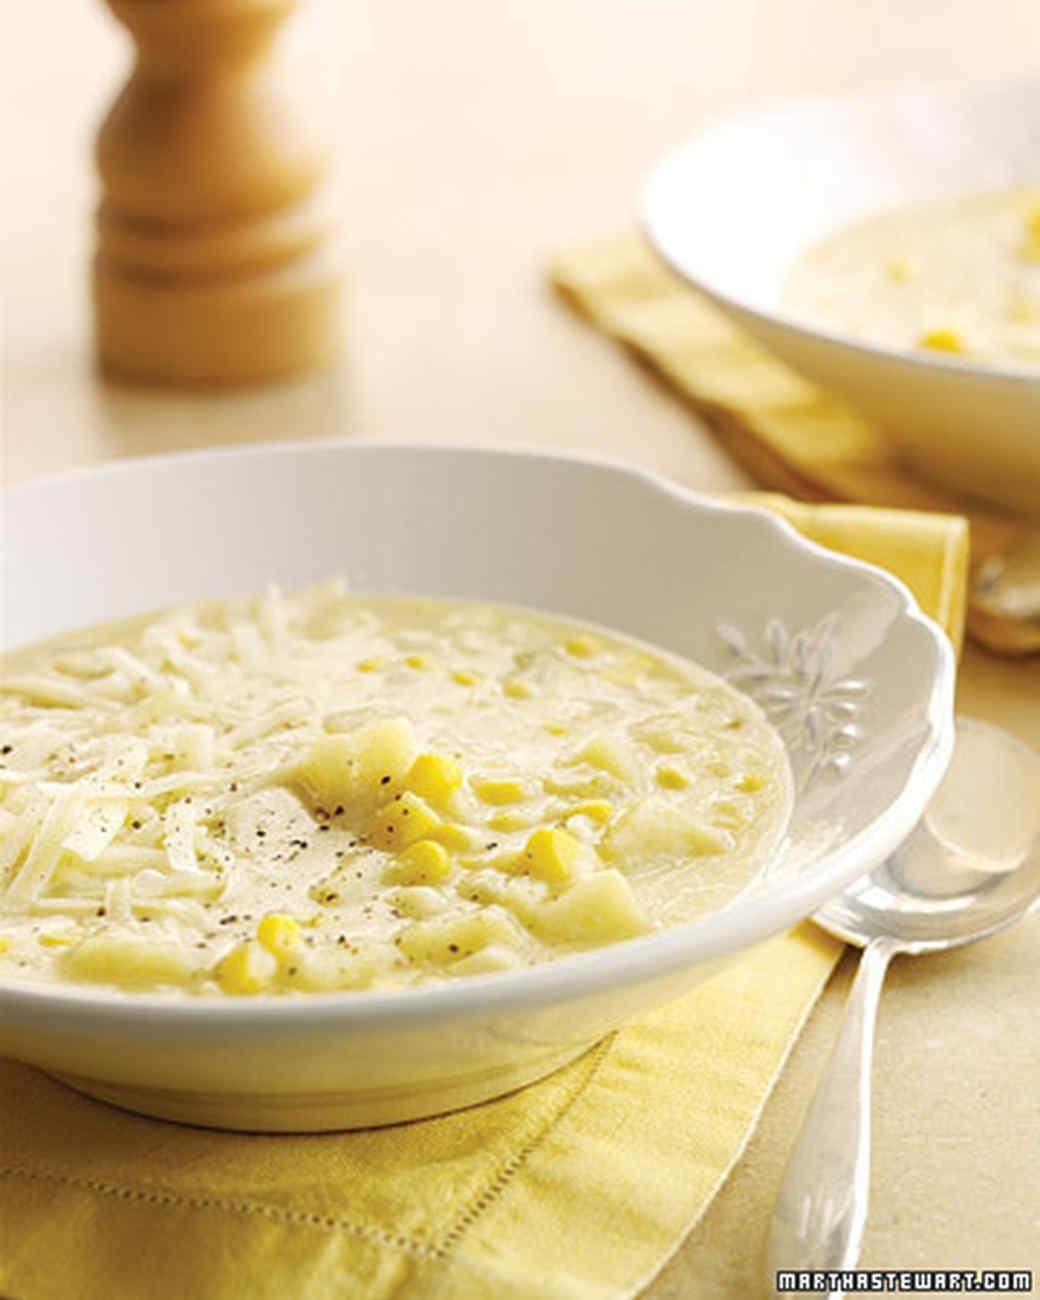 White-Cheddar Corn Chowder